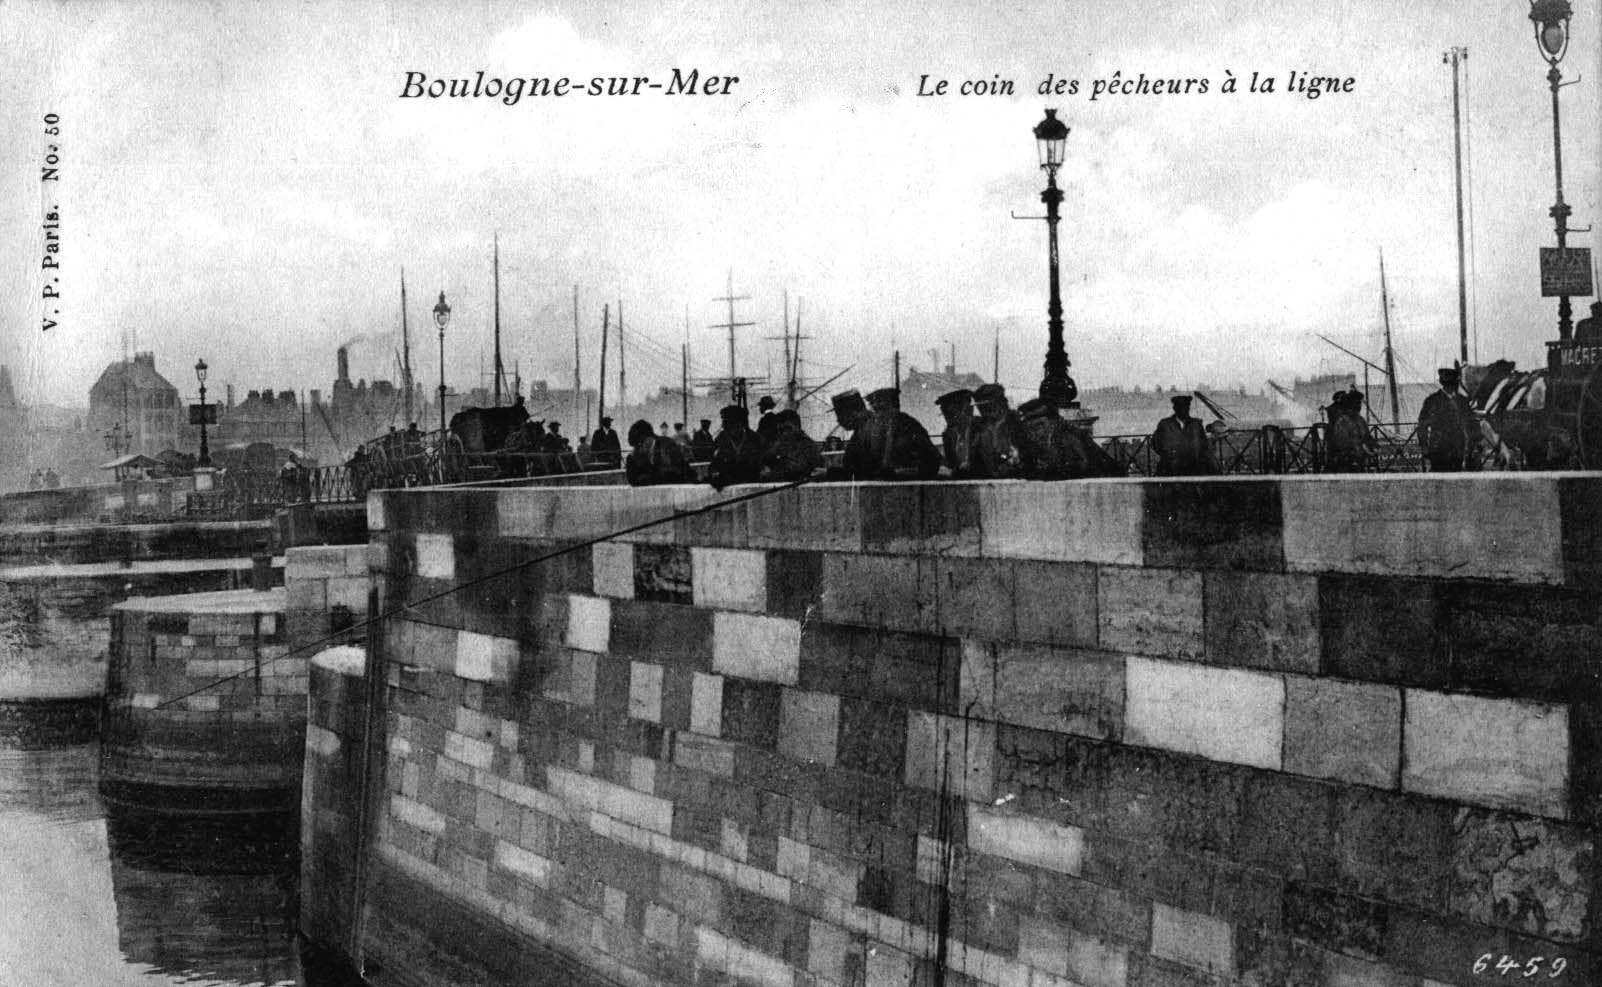 Boulogne sur mer - le coin des pêcheurs à la ligne sur le pont Marguet